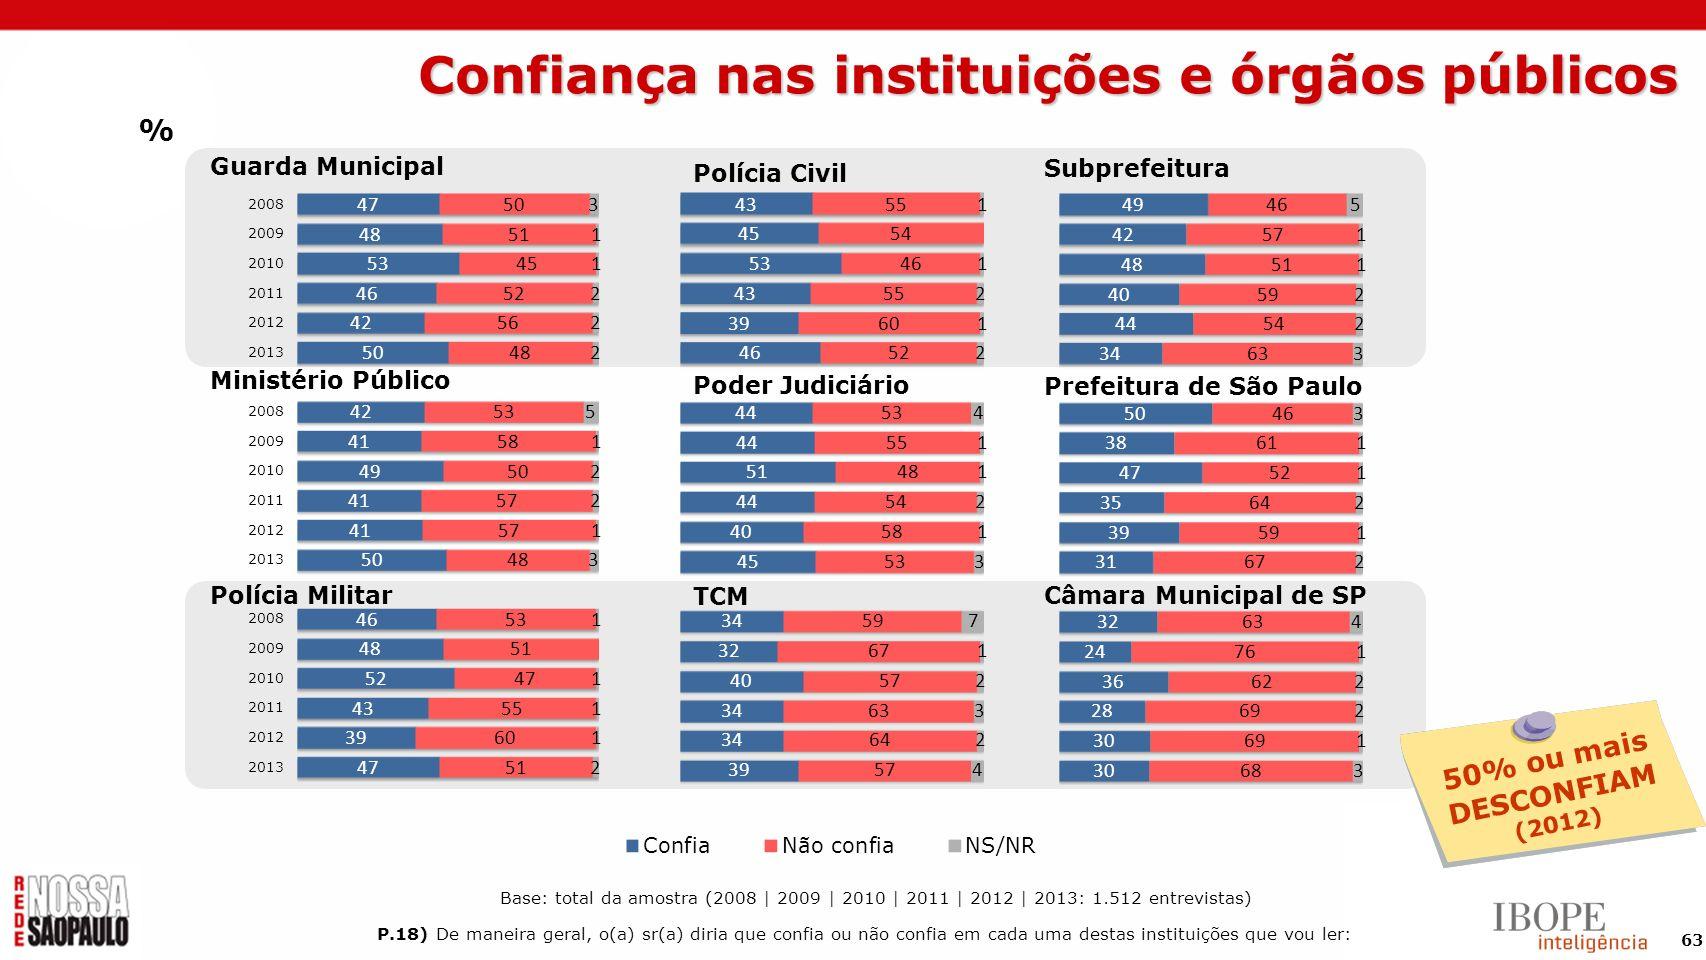 63 Subprefeitura Prefeitura de São Paulo Câmara Municipal de SP Guarda Municipal Ministério Público Polícia Militar 50% ou mais DESCONFIAM (2012) % P.